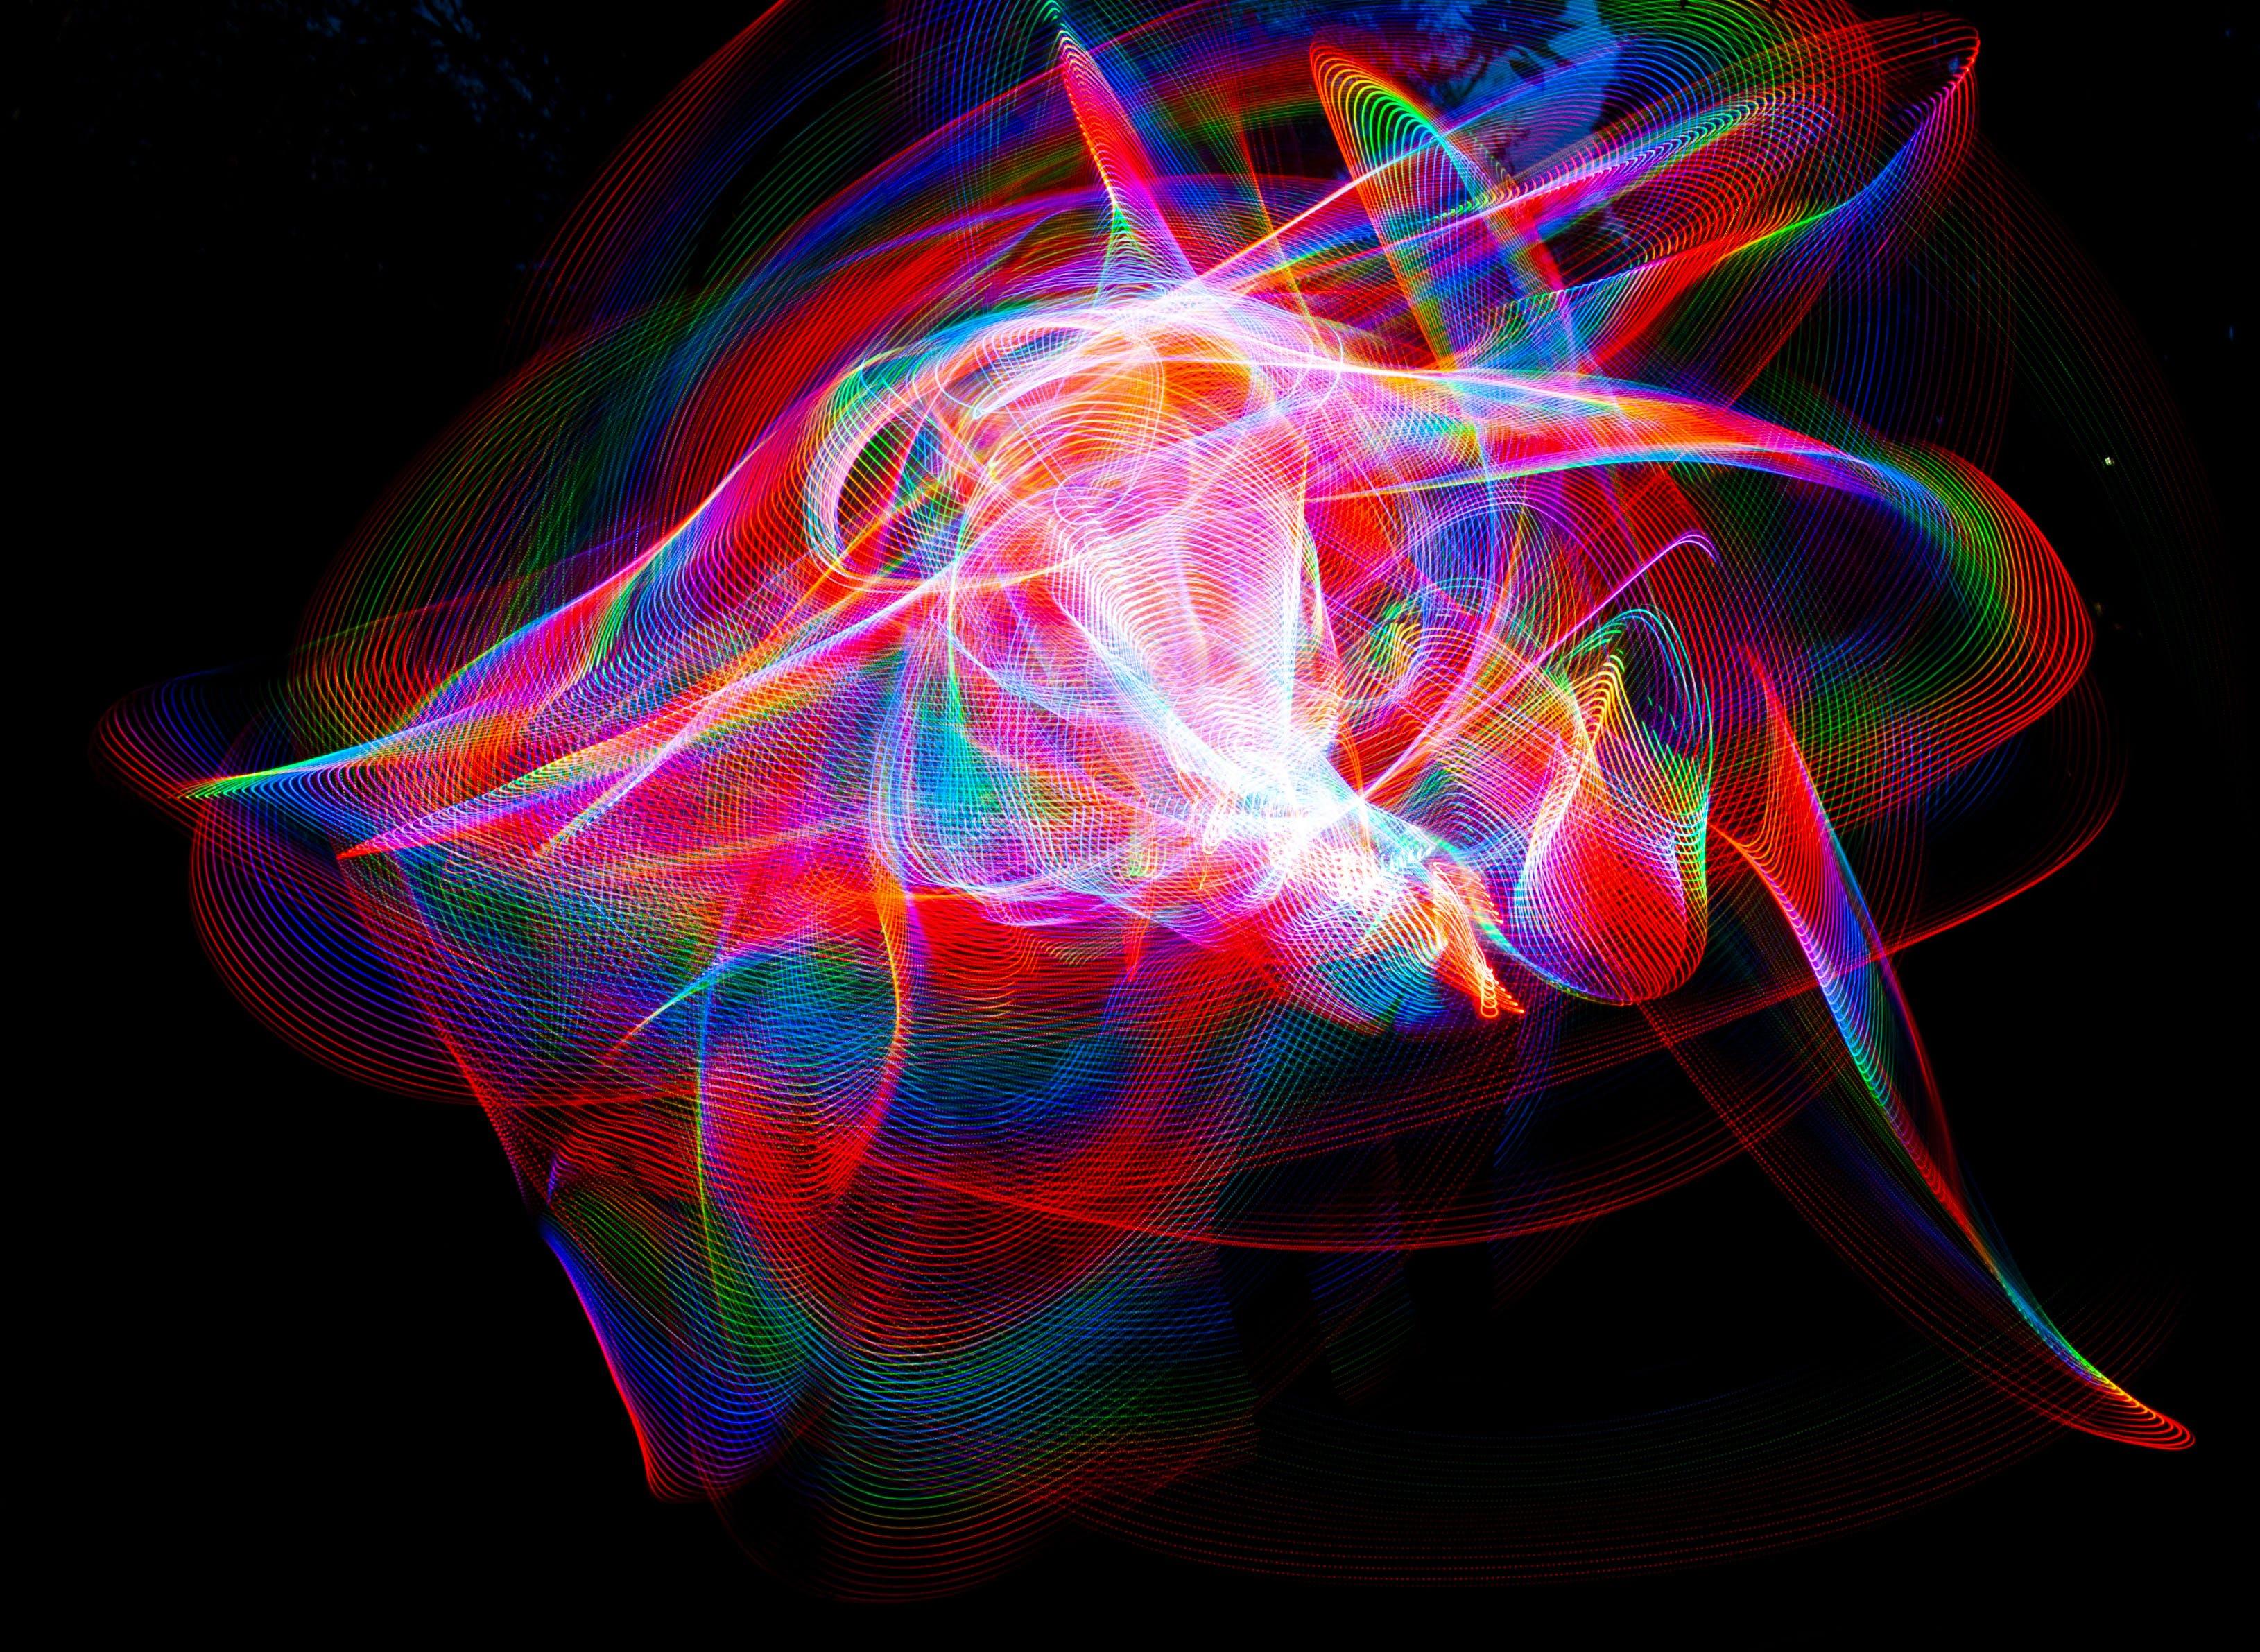 Multicolored Graphics Art